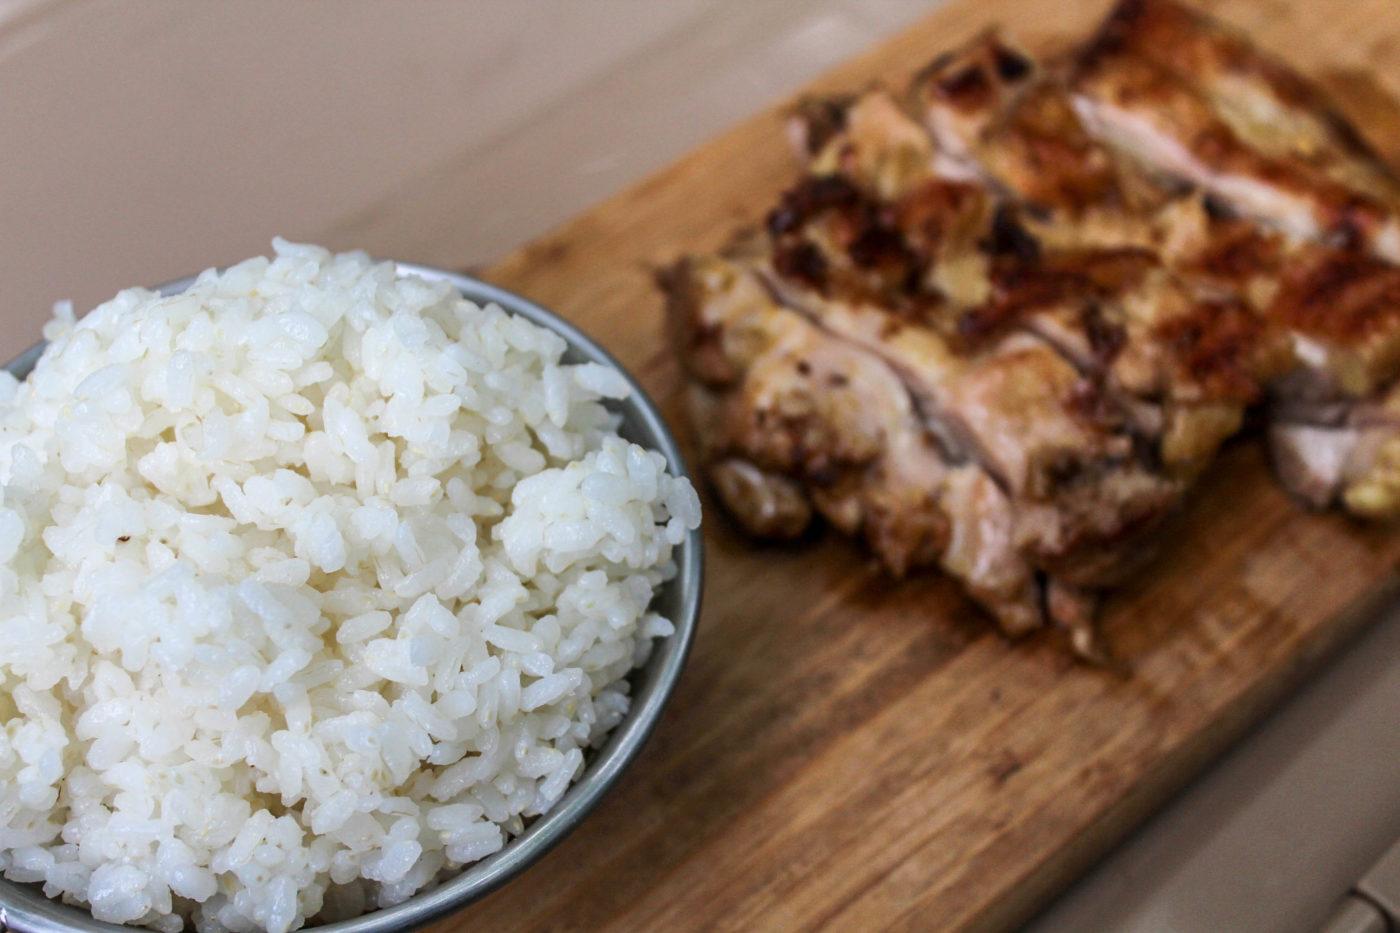 【キャンプの米の炊き方】焚き火で失敗せずに米を上手に炊く方法